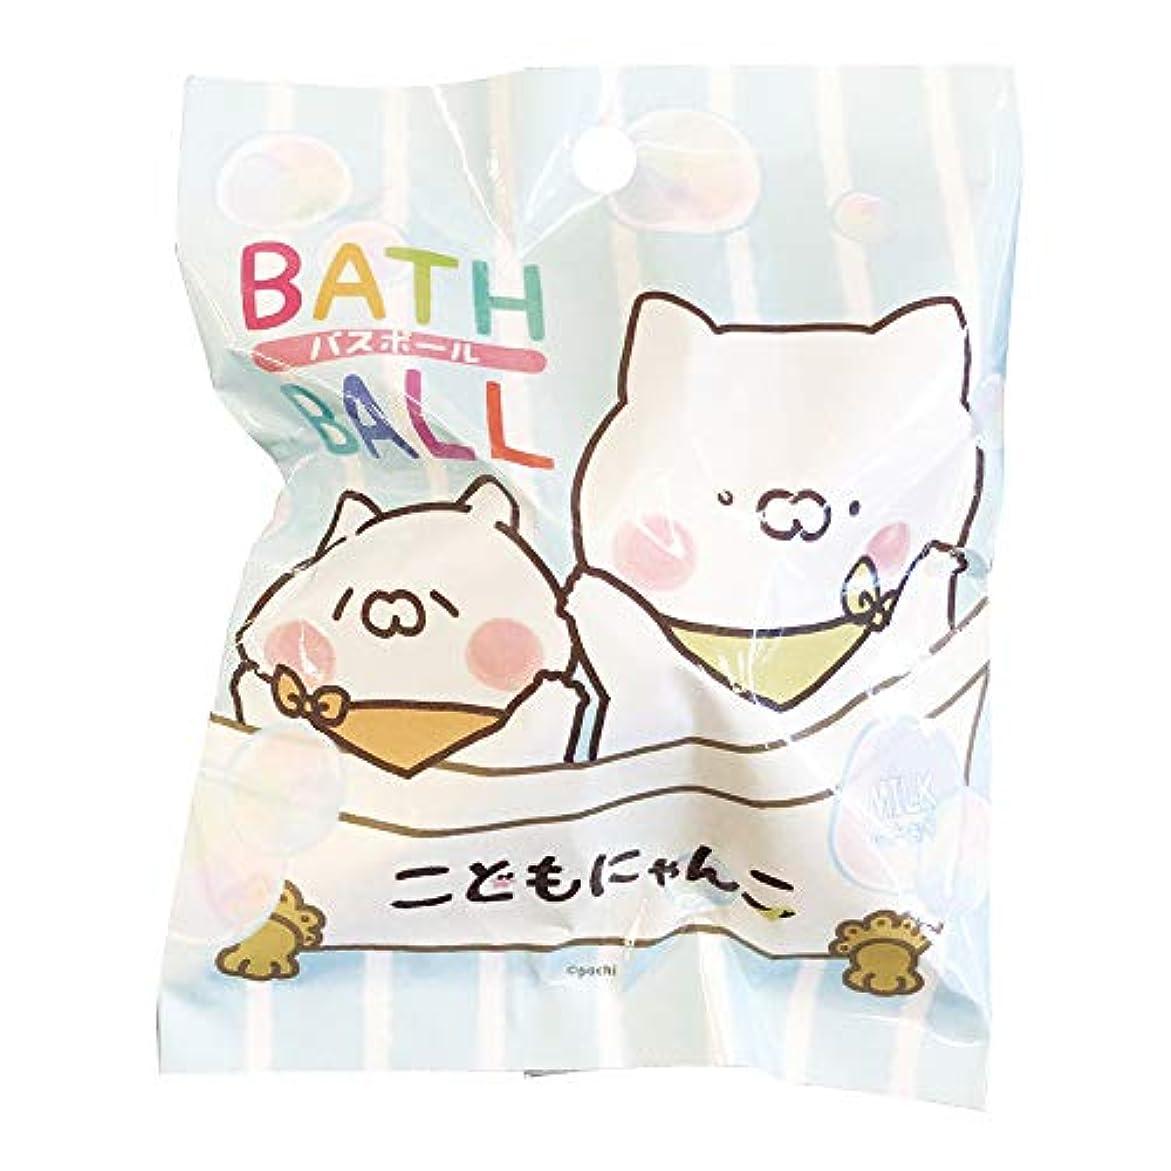 円周ピザブリリアントこどもにゃんこ 入浴剤 バスボール おまけ付き ミルクの香り 50g ABD-043-001